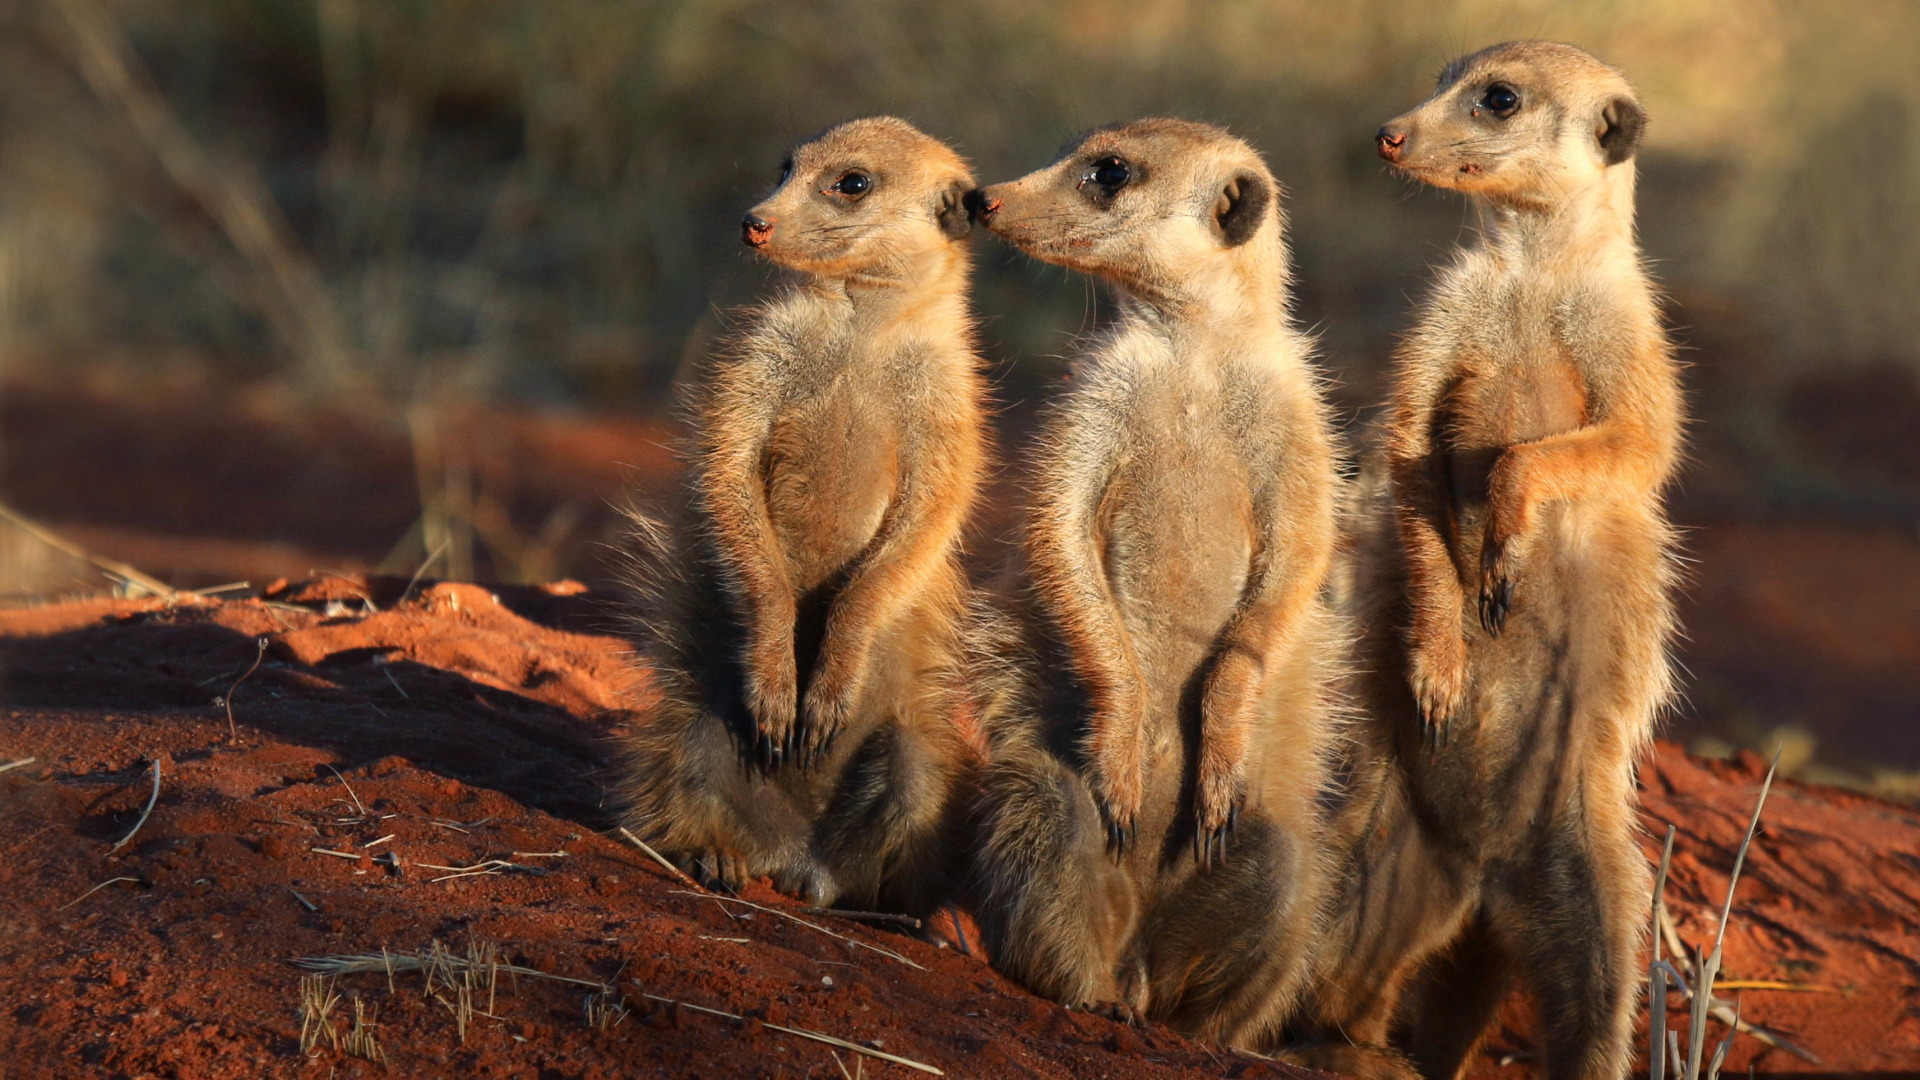 meerkatten-spotten-in-zuid-afrika